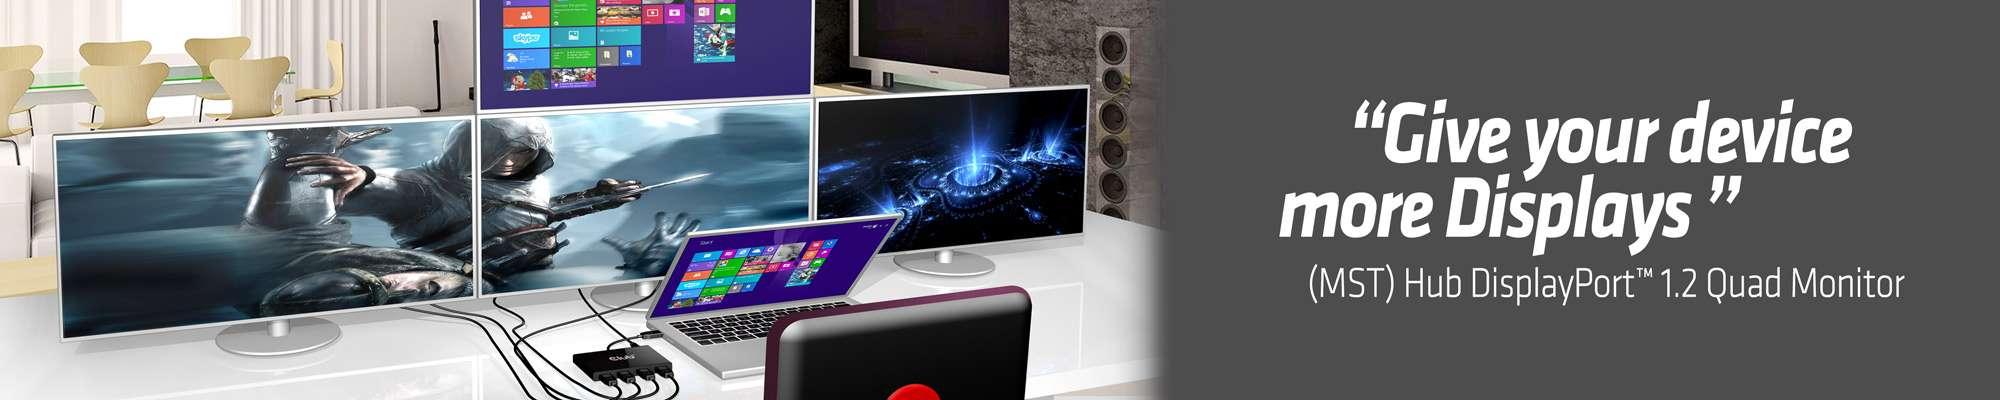 Club 3D | Multi Stream Transport (MST) Hub DisplayPort™ 1 2